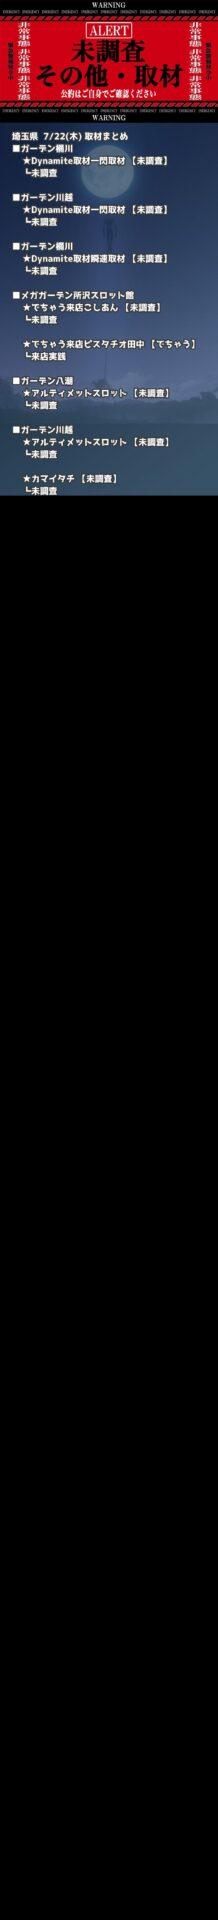 埼玉県_2021-07-22_未調査_パチンコ・パチスロ